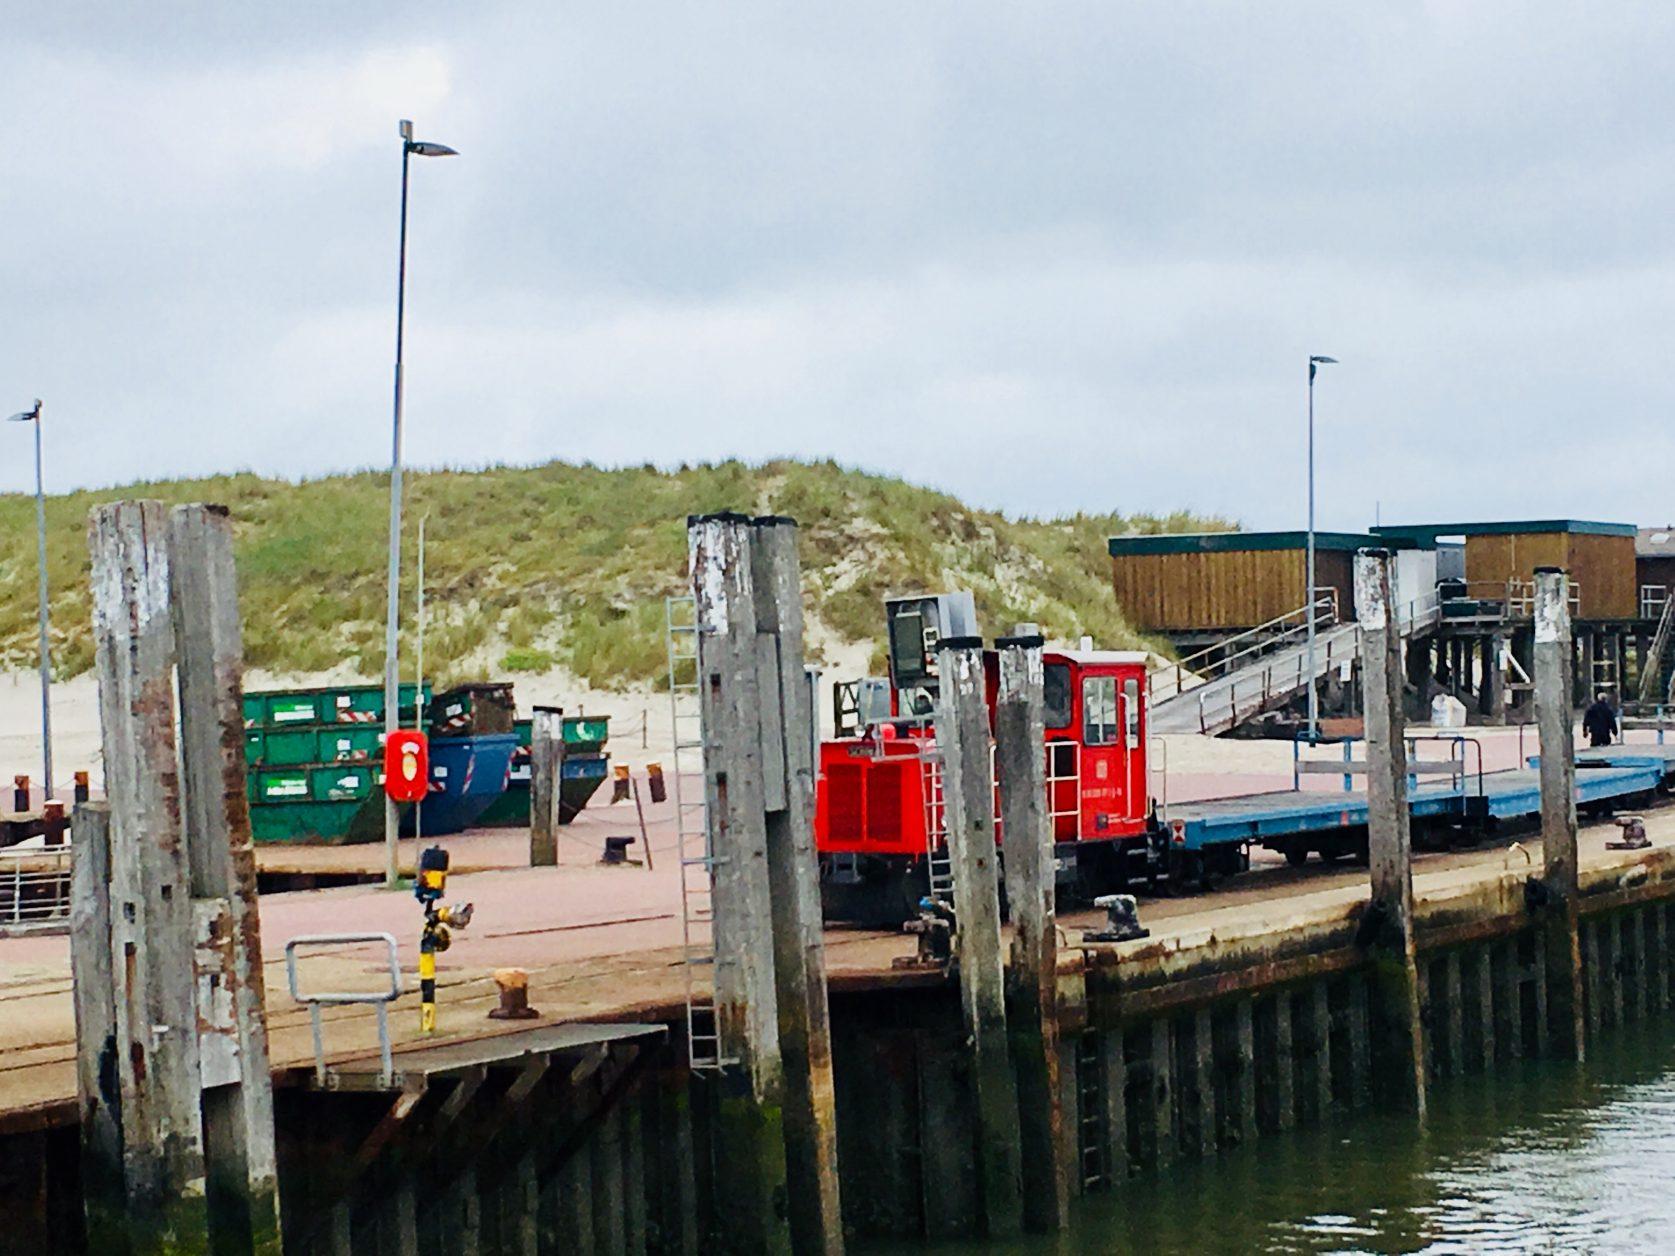 Ankunft am Hafen in Wangerooge Foto: Weirauch